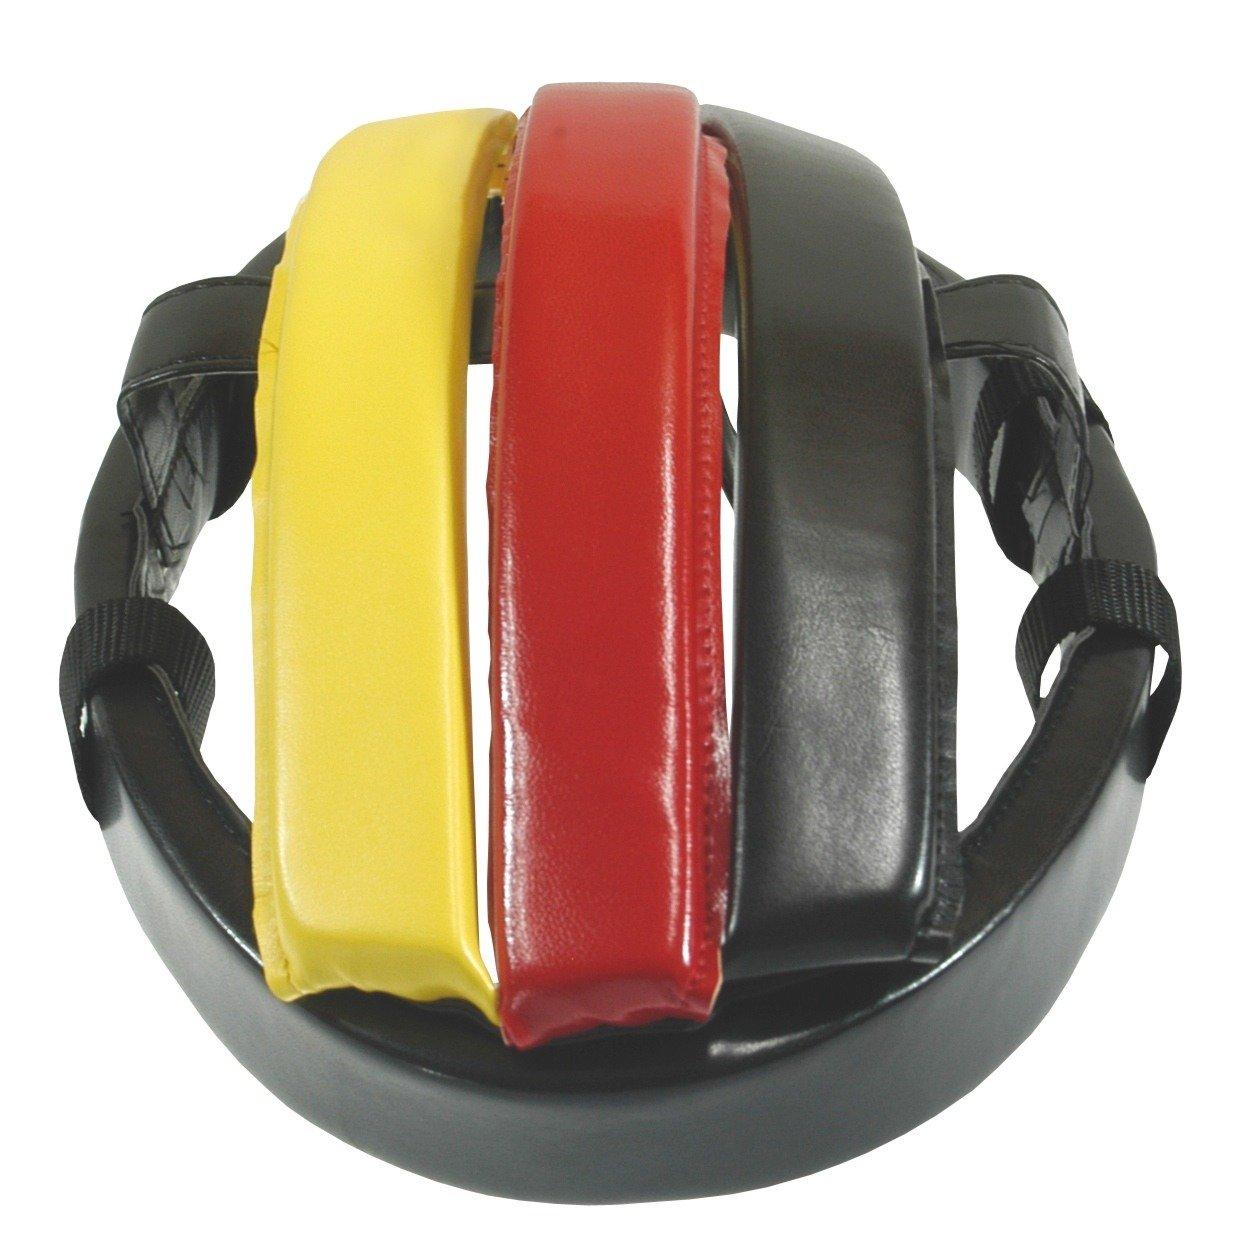 rinproject(リンプロジェクト) カスク Casque フェイクレザートリコロール ドイツ L 61cm [no.4005]   B00B7XA2G6